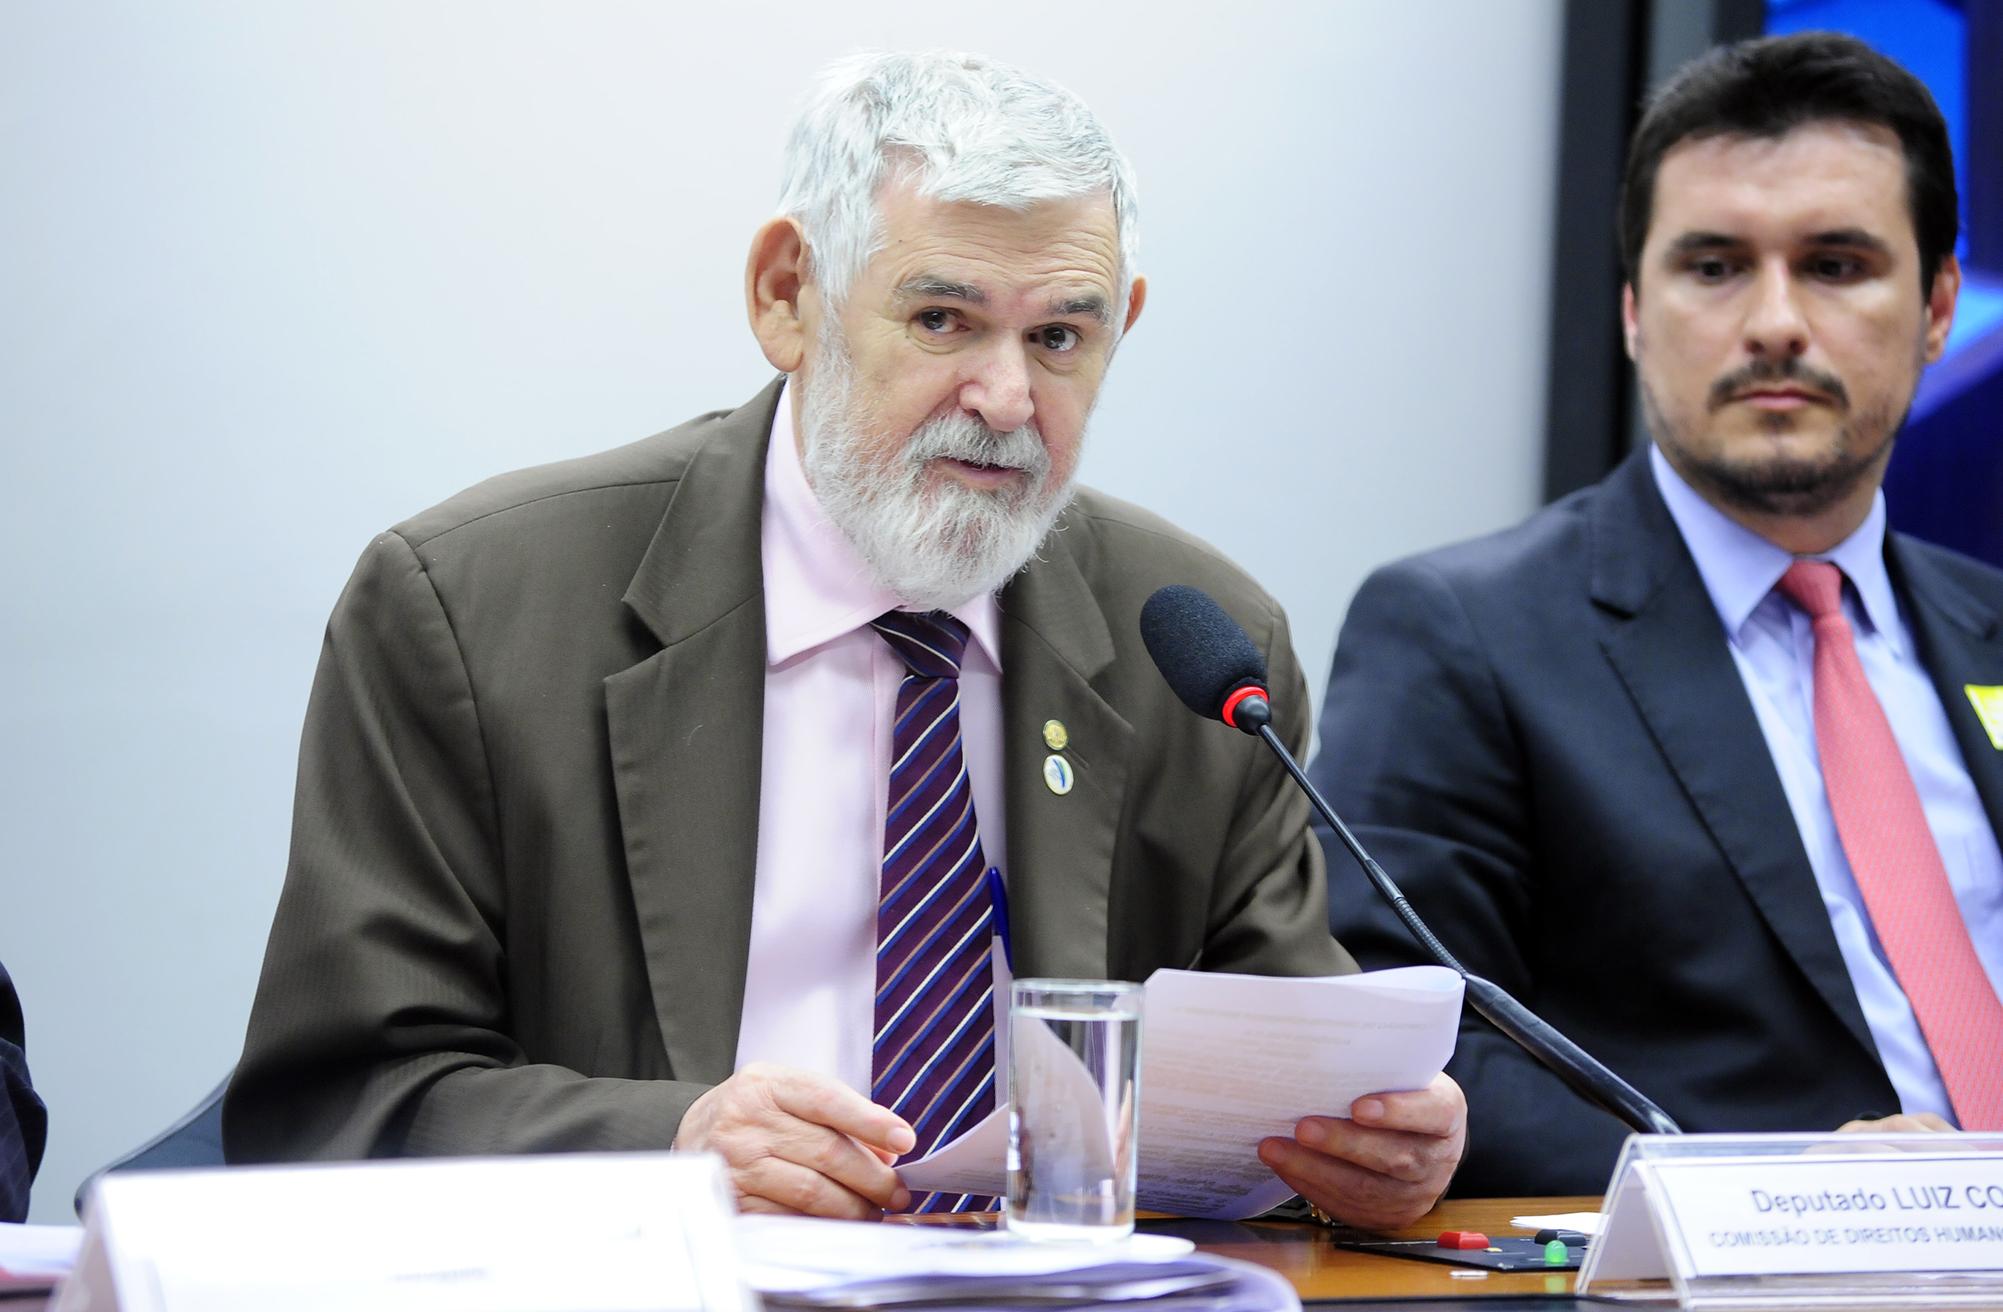 Audiência pública sobre as denúncias de ameaças, invasões e expulsão de moradores beneficiados pelo programa habitacional Minha Casa Minha Vida. Dep. Luiz Couto (PT-PB)